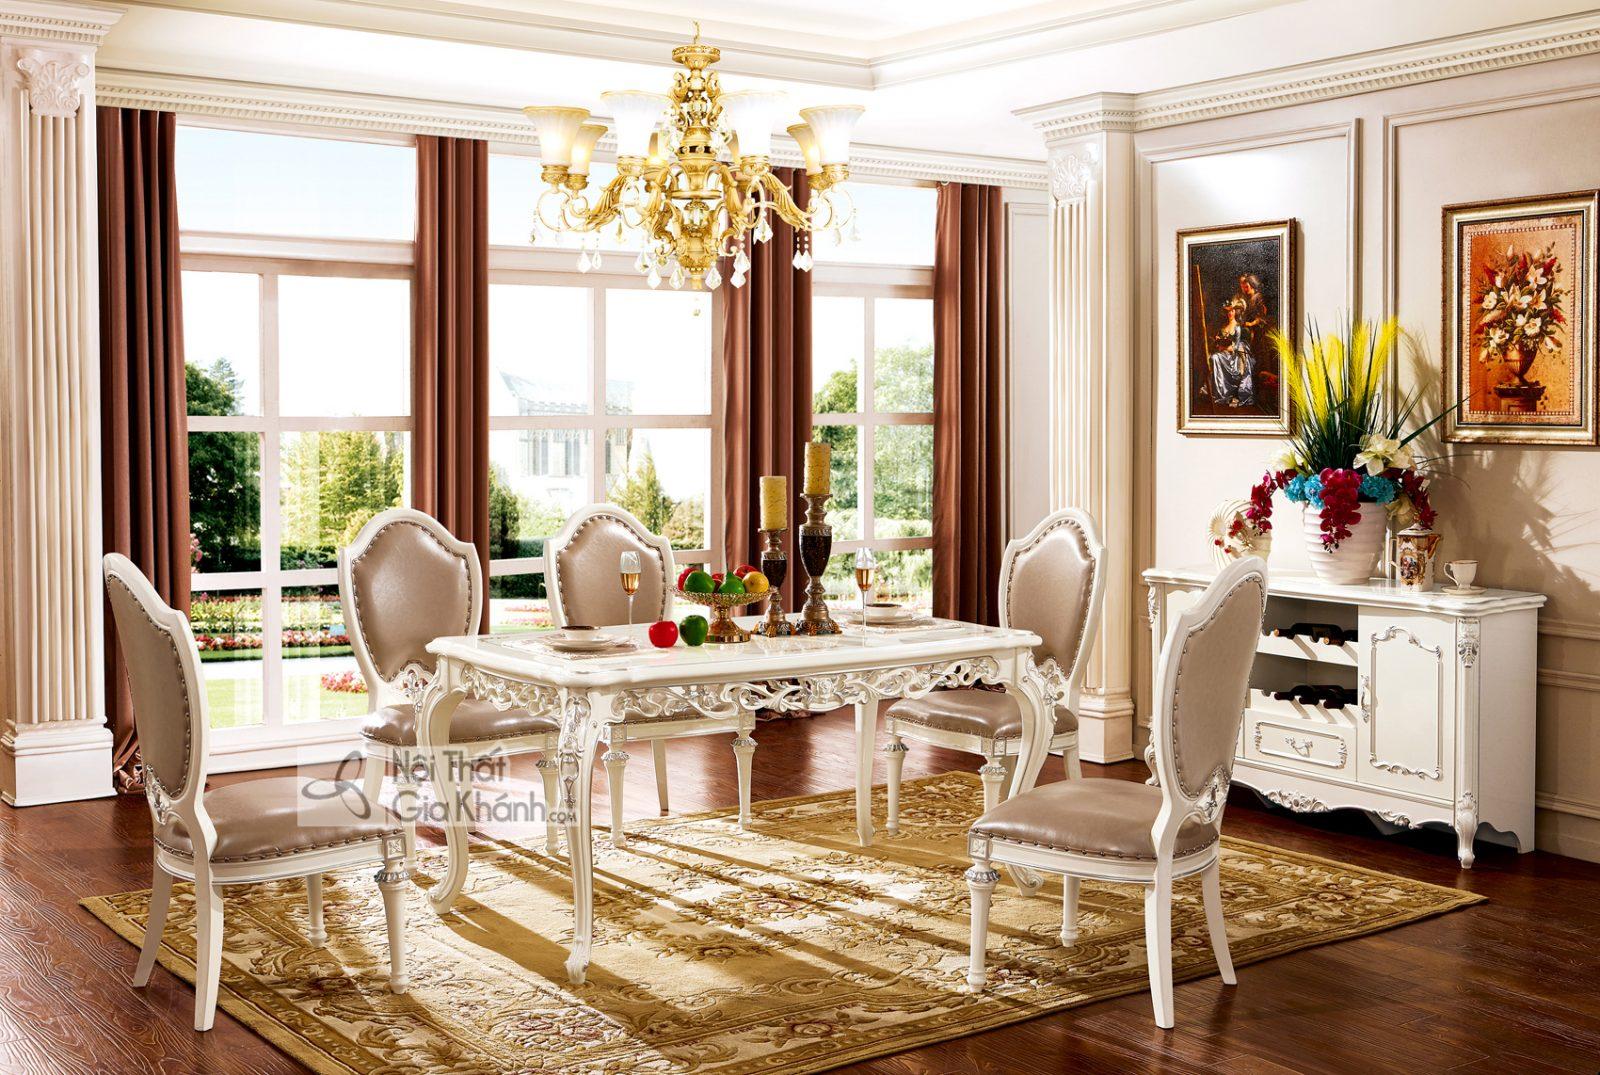 Bàn ăn mặt gỗ Tân cổ điển màu trắng ngọc trai BA8811HG-16 phong cách sang trọng